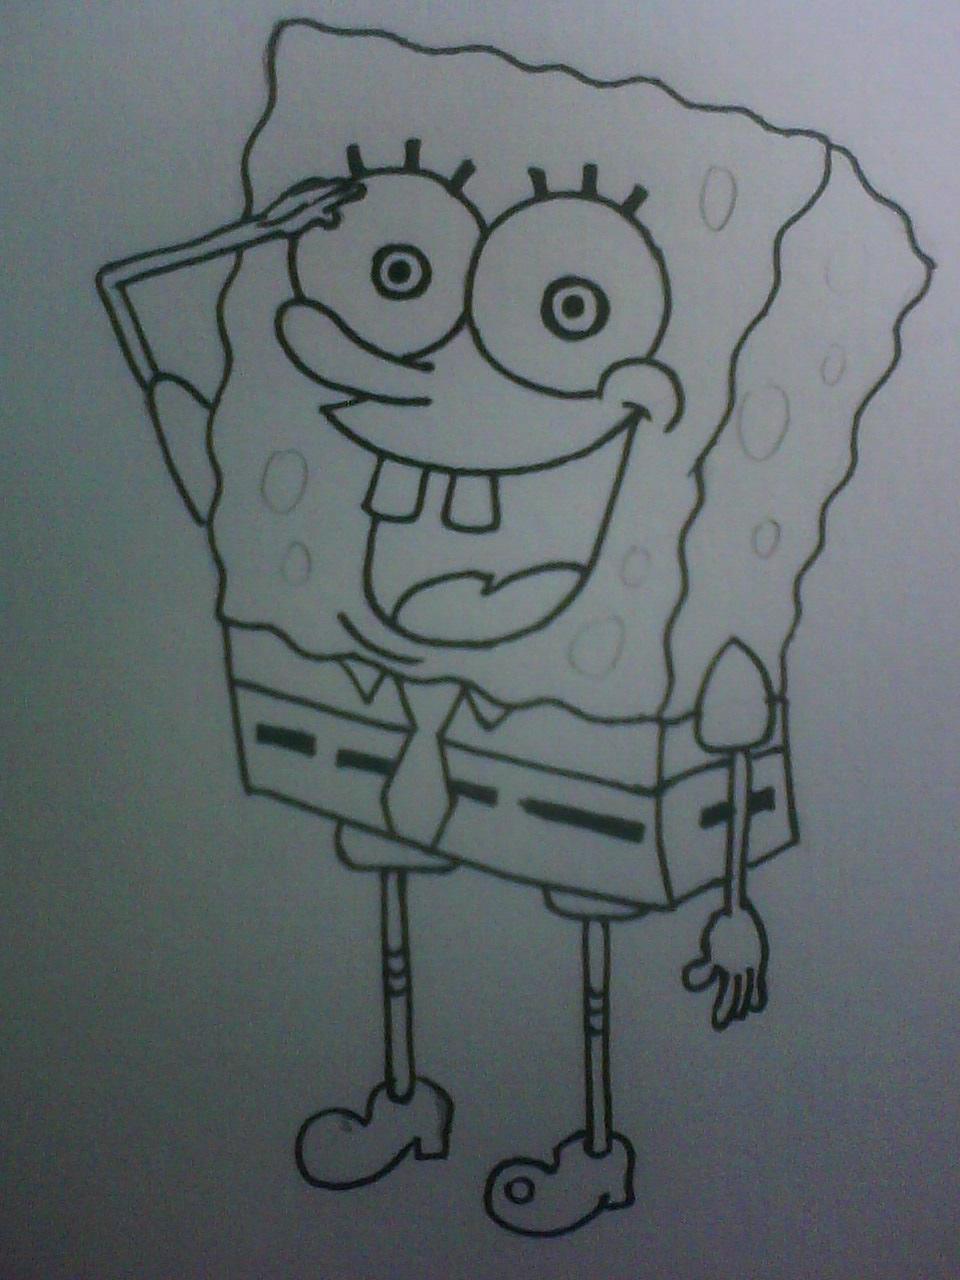 22 Gambar Spongebob Dengan Pensil Inspirasi Spesial